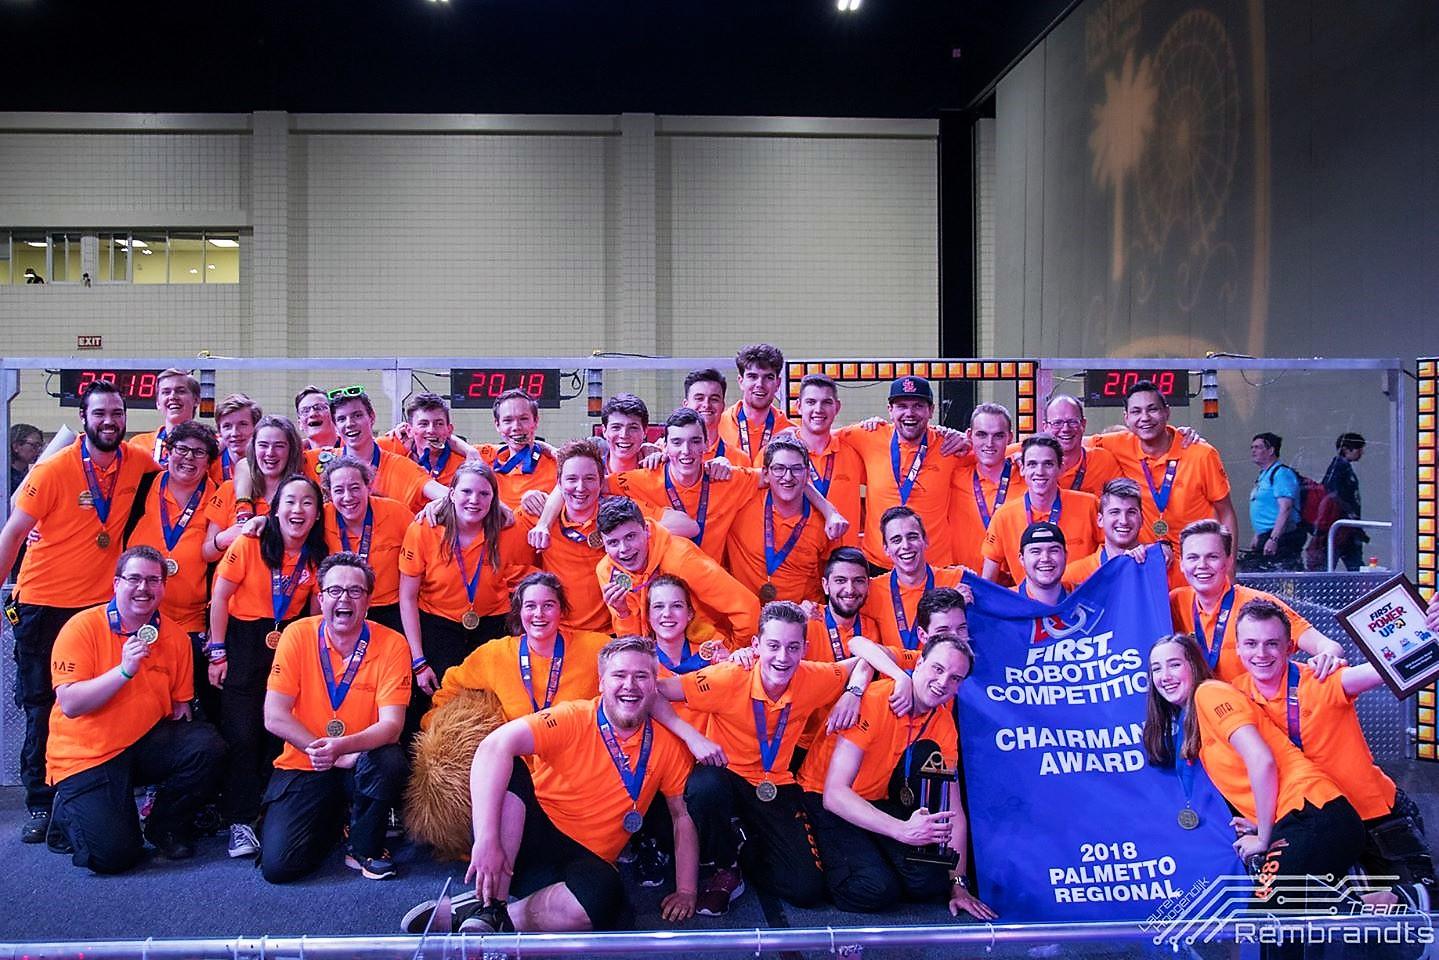 Leerlingen Zwijsen College naar Wereldkampioenschappen FIRST Robotics Competition in Detroit! - Meierijstad